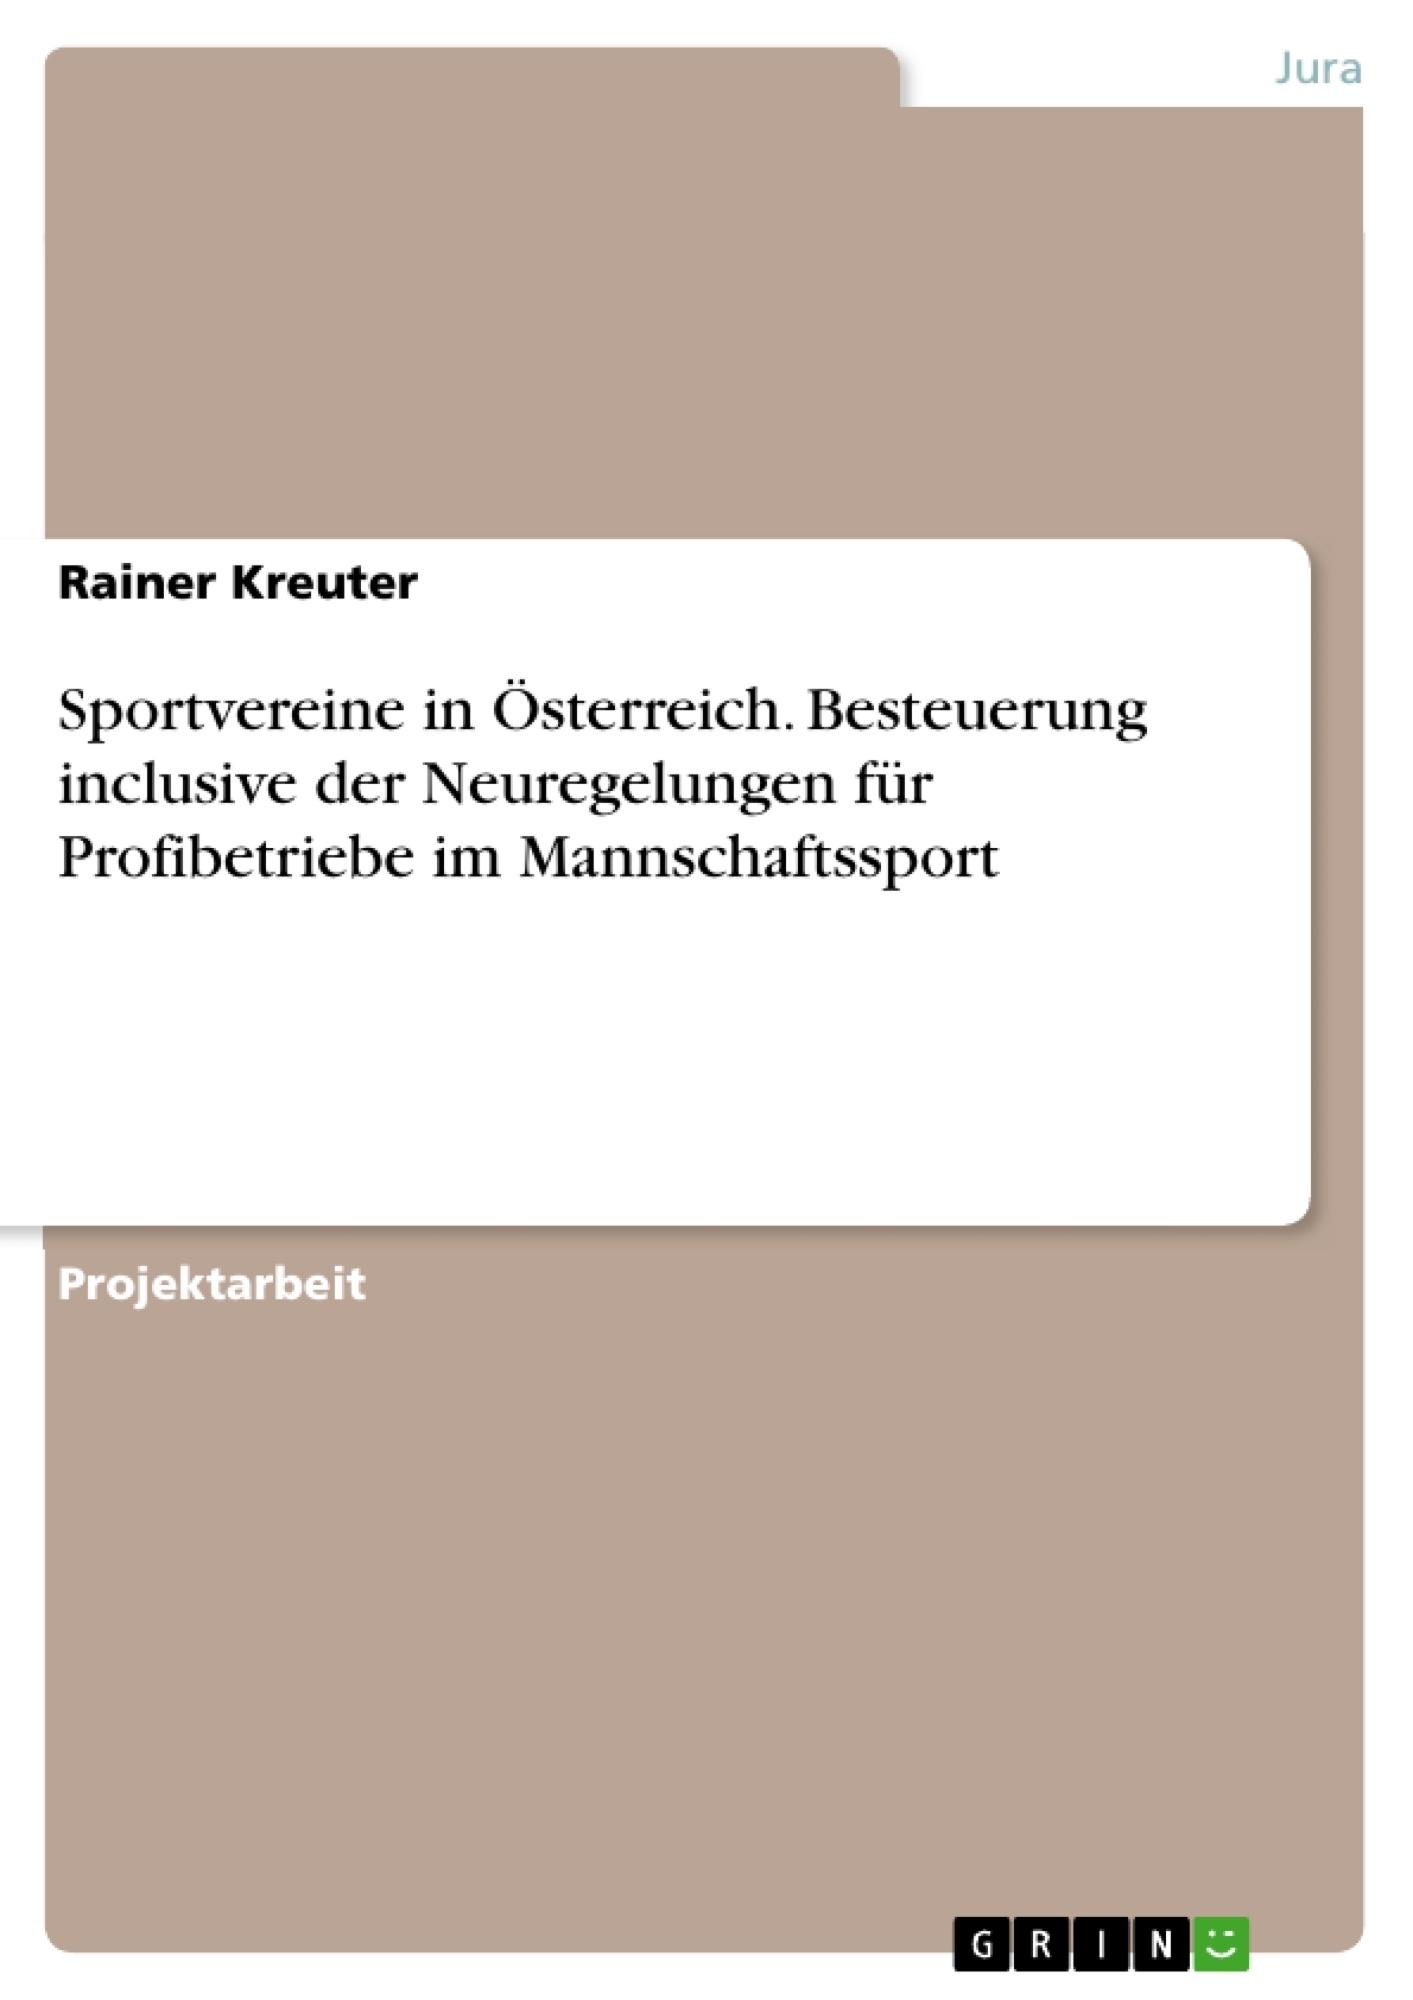 Titel: Sportvereine in Österreich. Besteuerung inclusive der Neuregelungen für Profibetriebe im Mannschaftssport